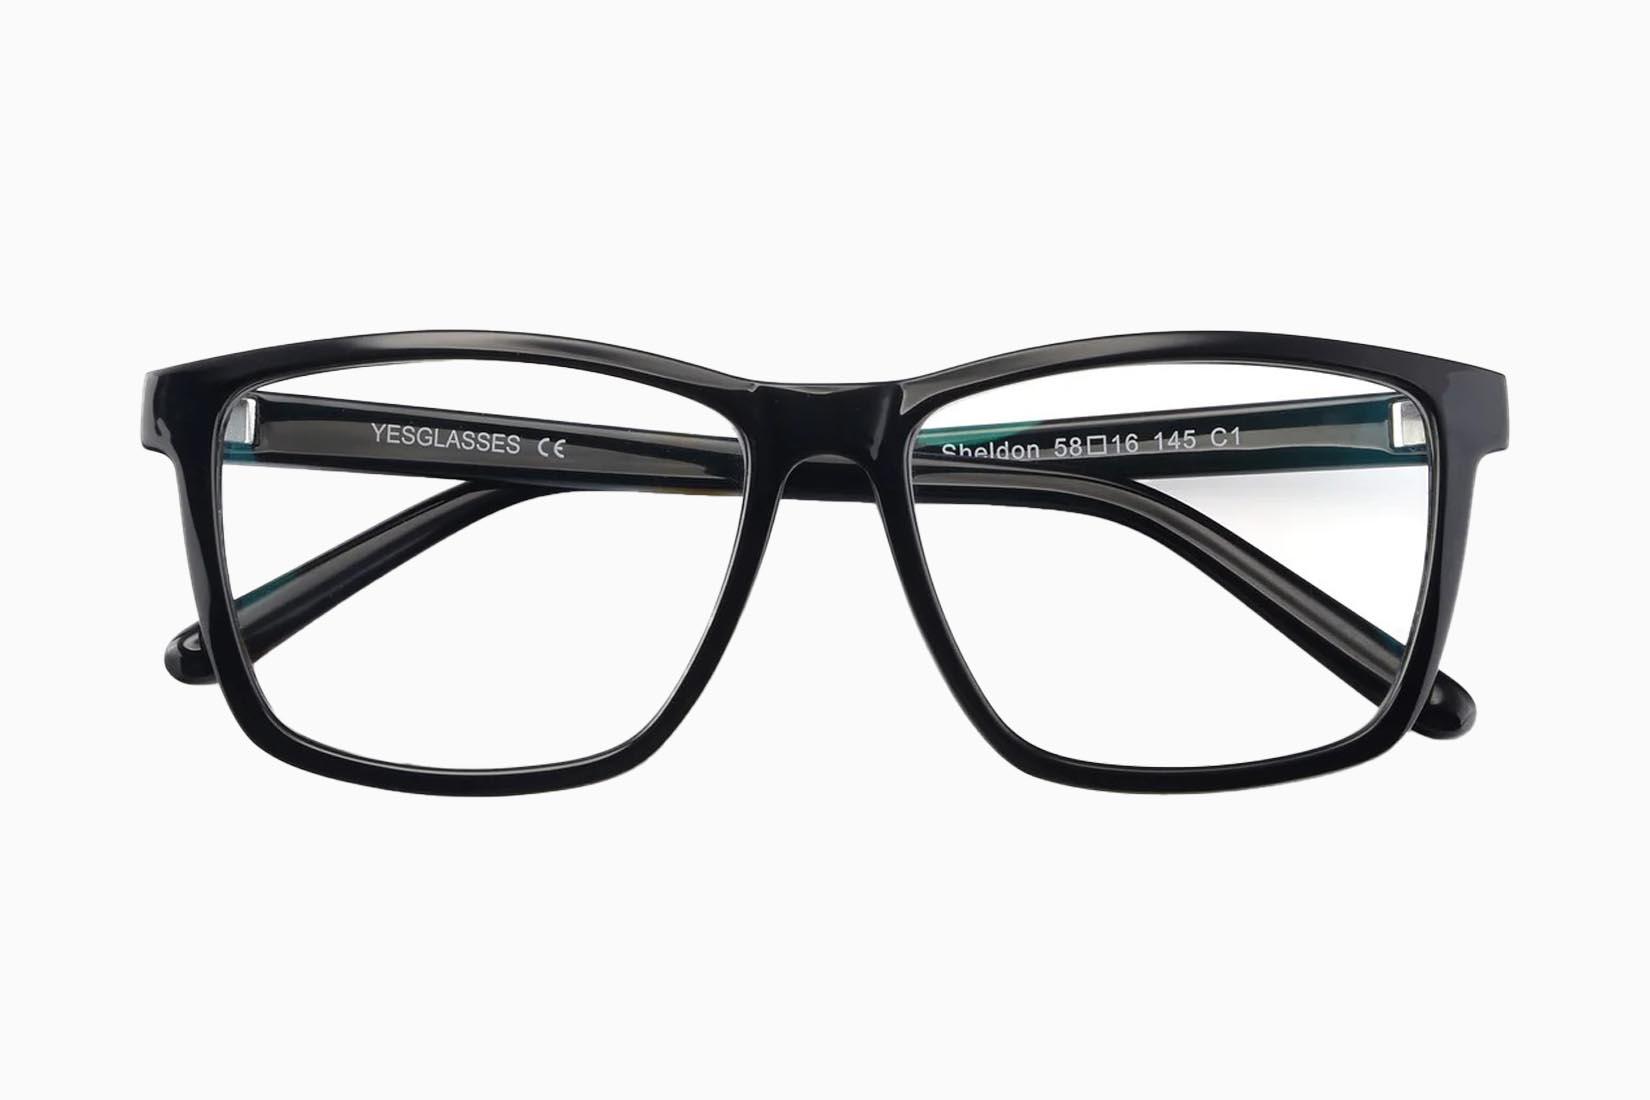 best blue light blocking glasses Yesglasses Sheldon review Luxe Digital